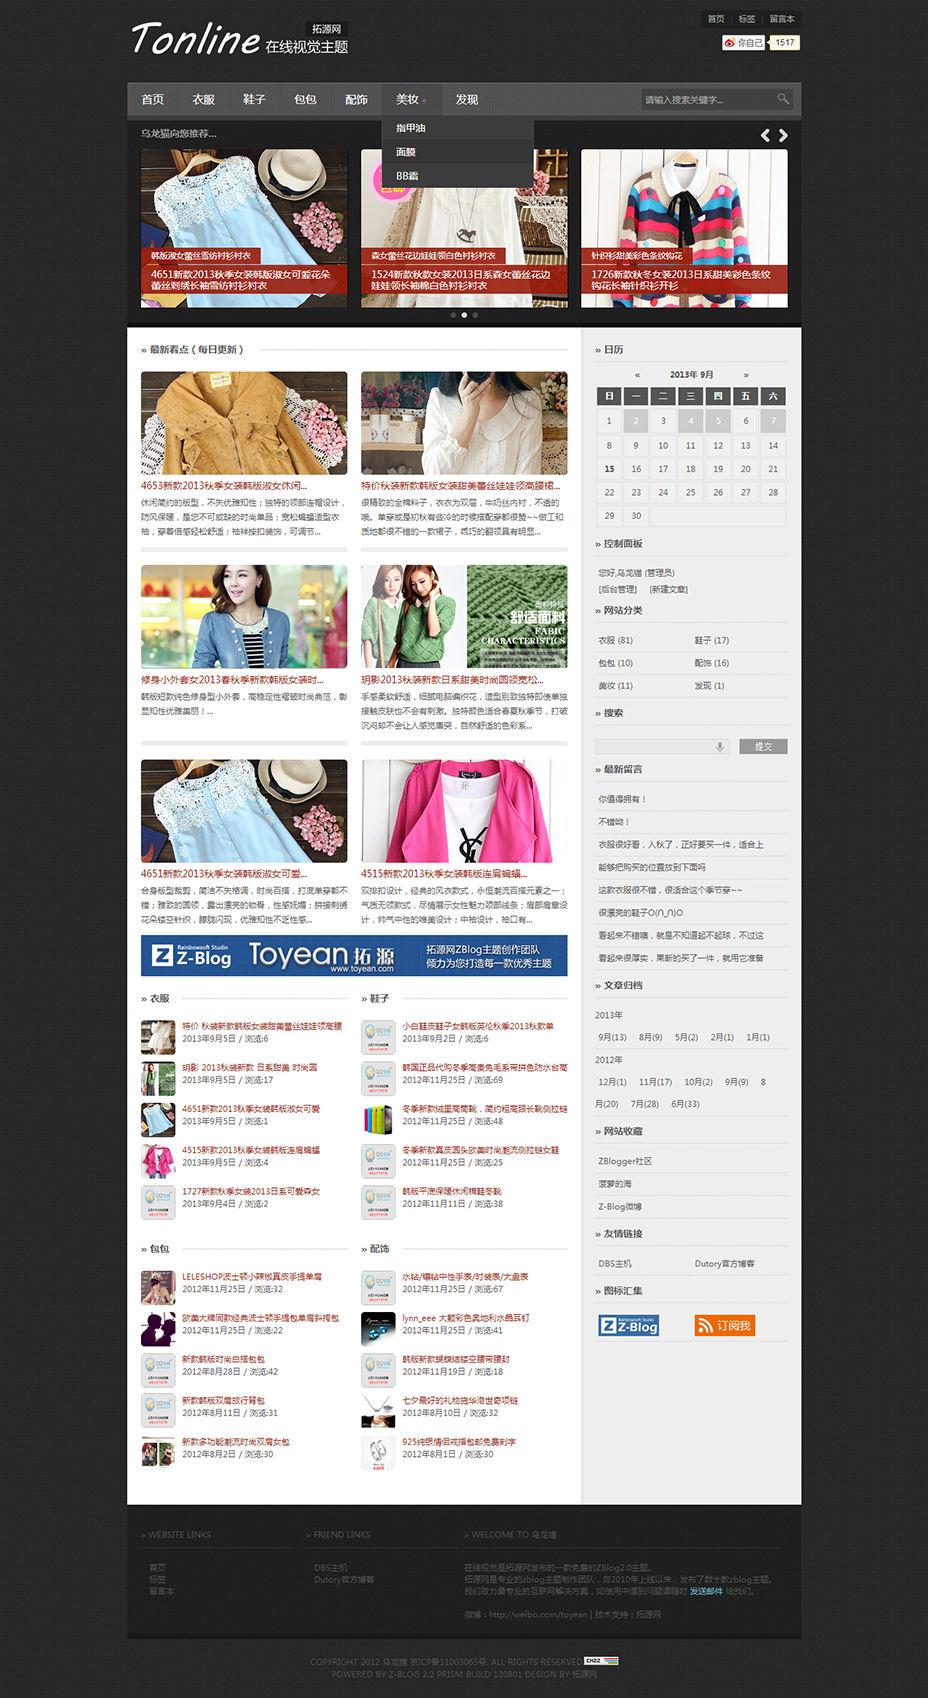 拓源网《在线视觉》主题免费发布,欢迎使用!